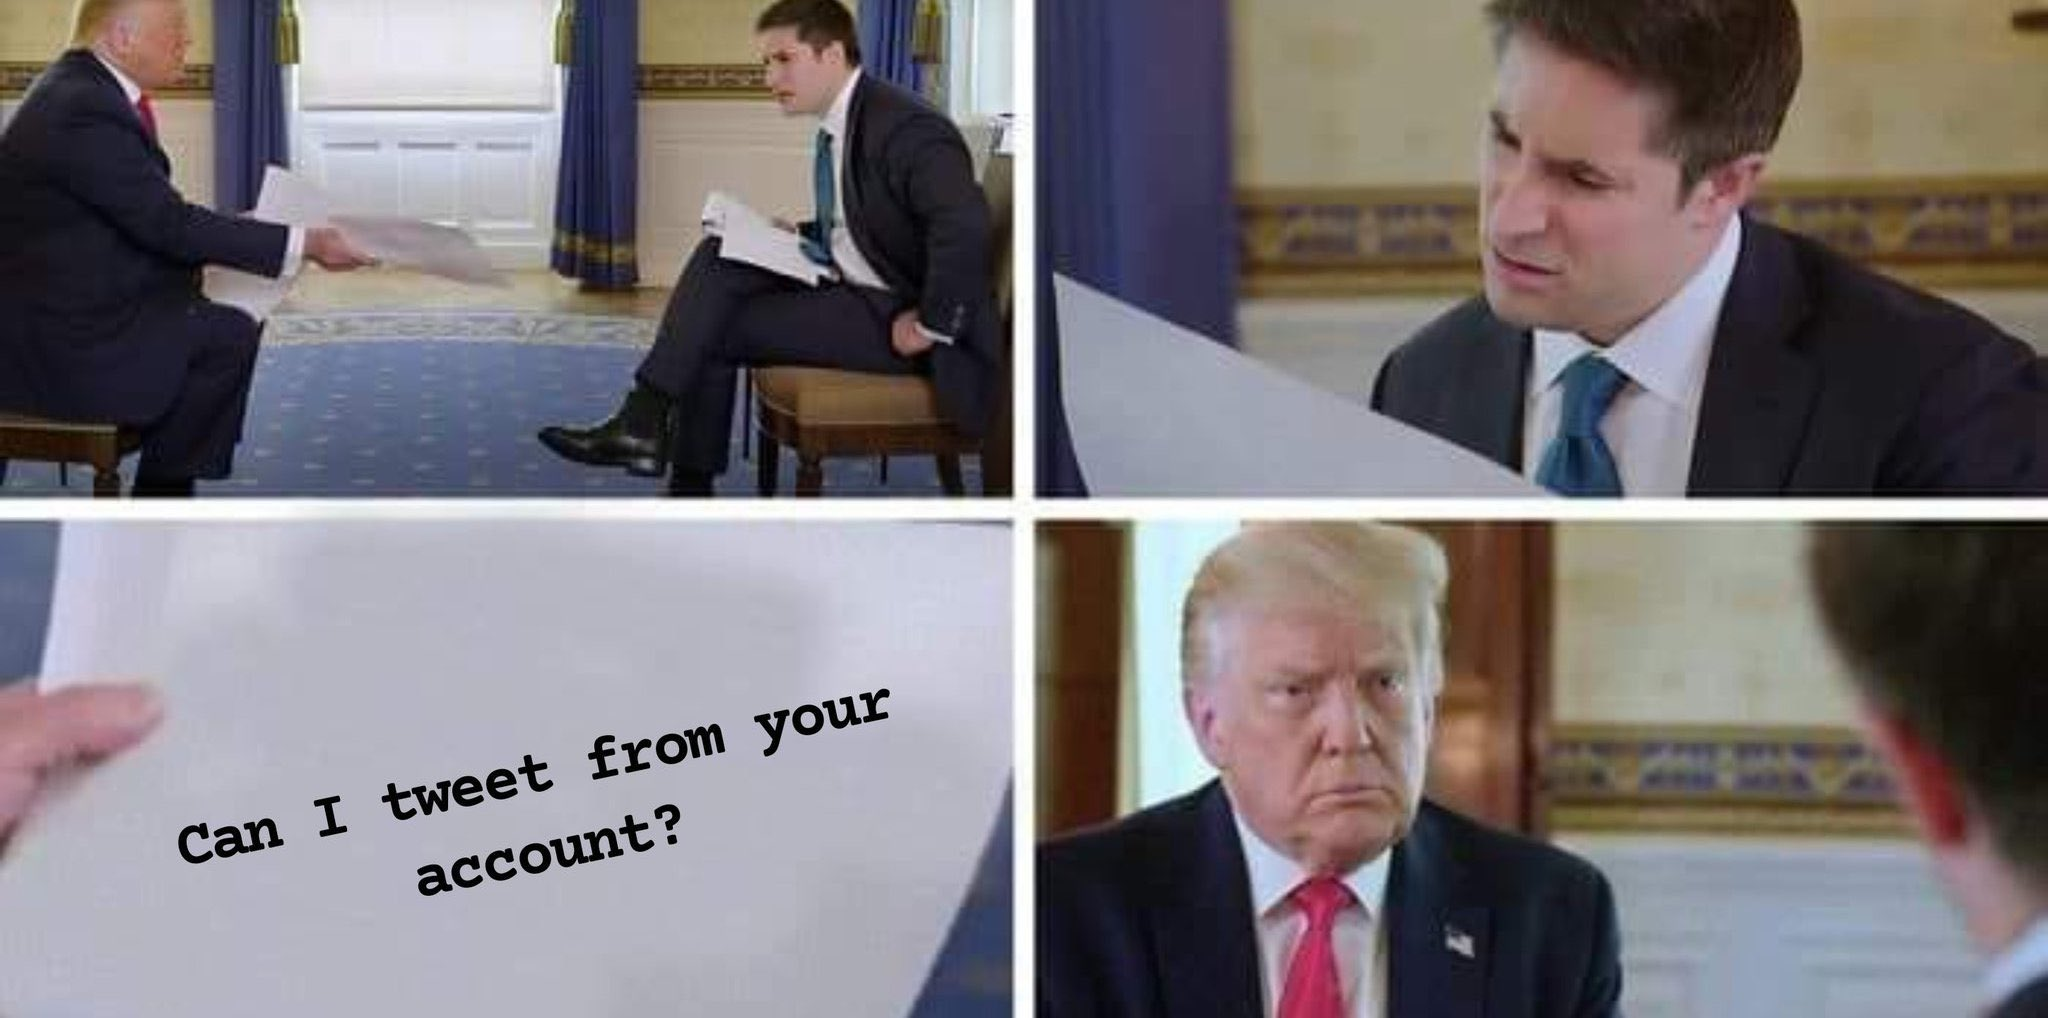 Trump is desperate.